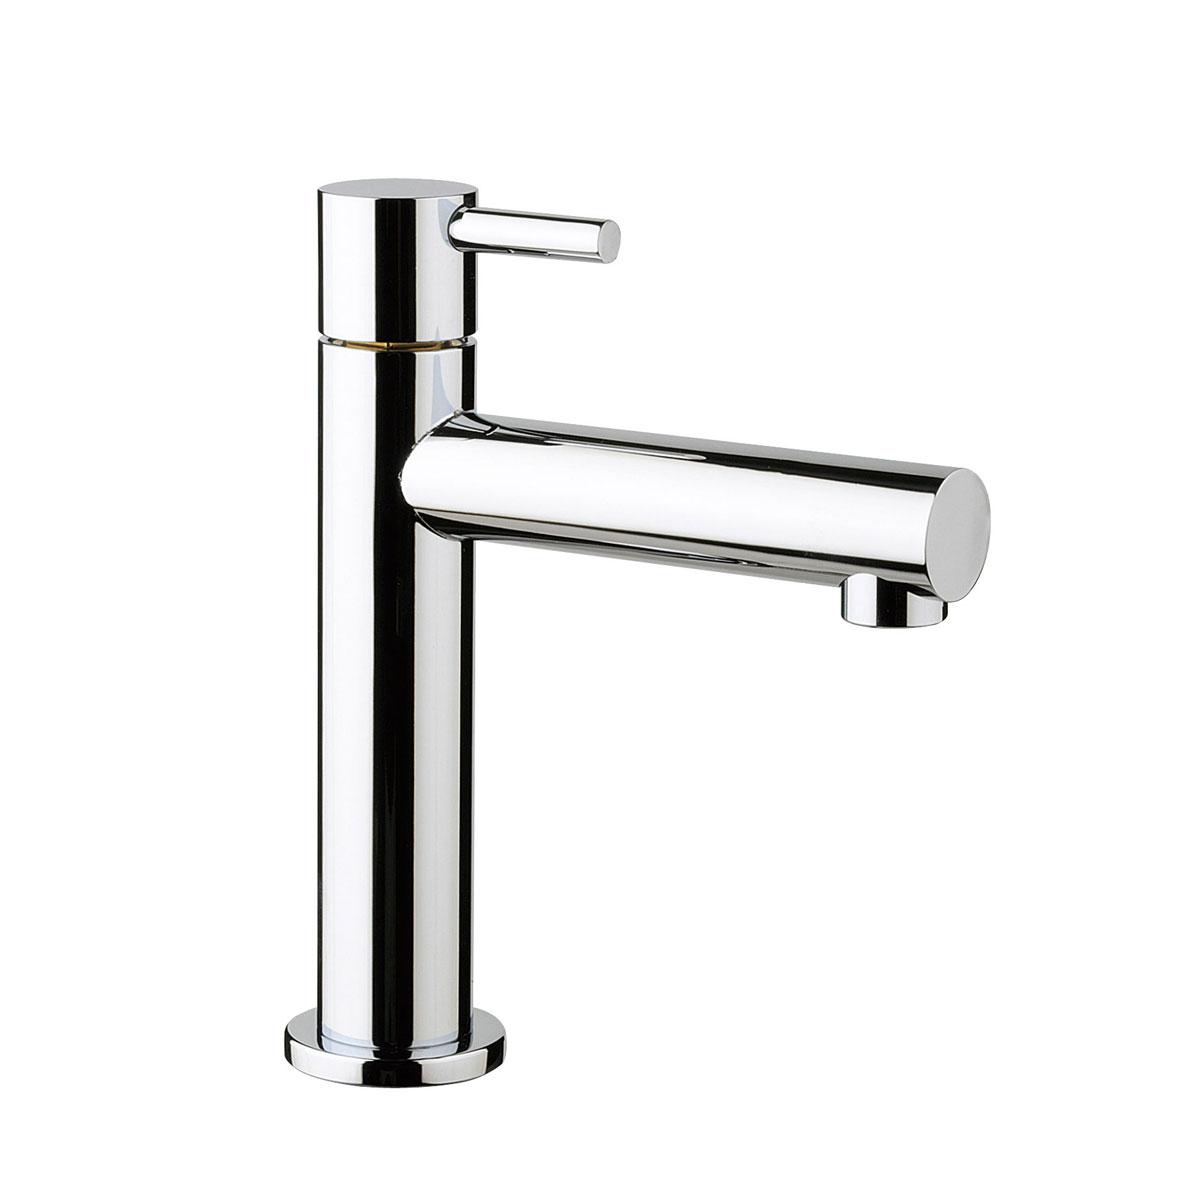 リラインス オリジナル水栓金具 単水栓 FC1100S